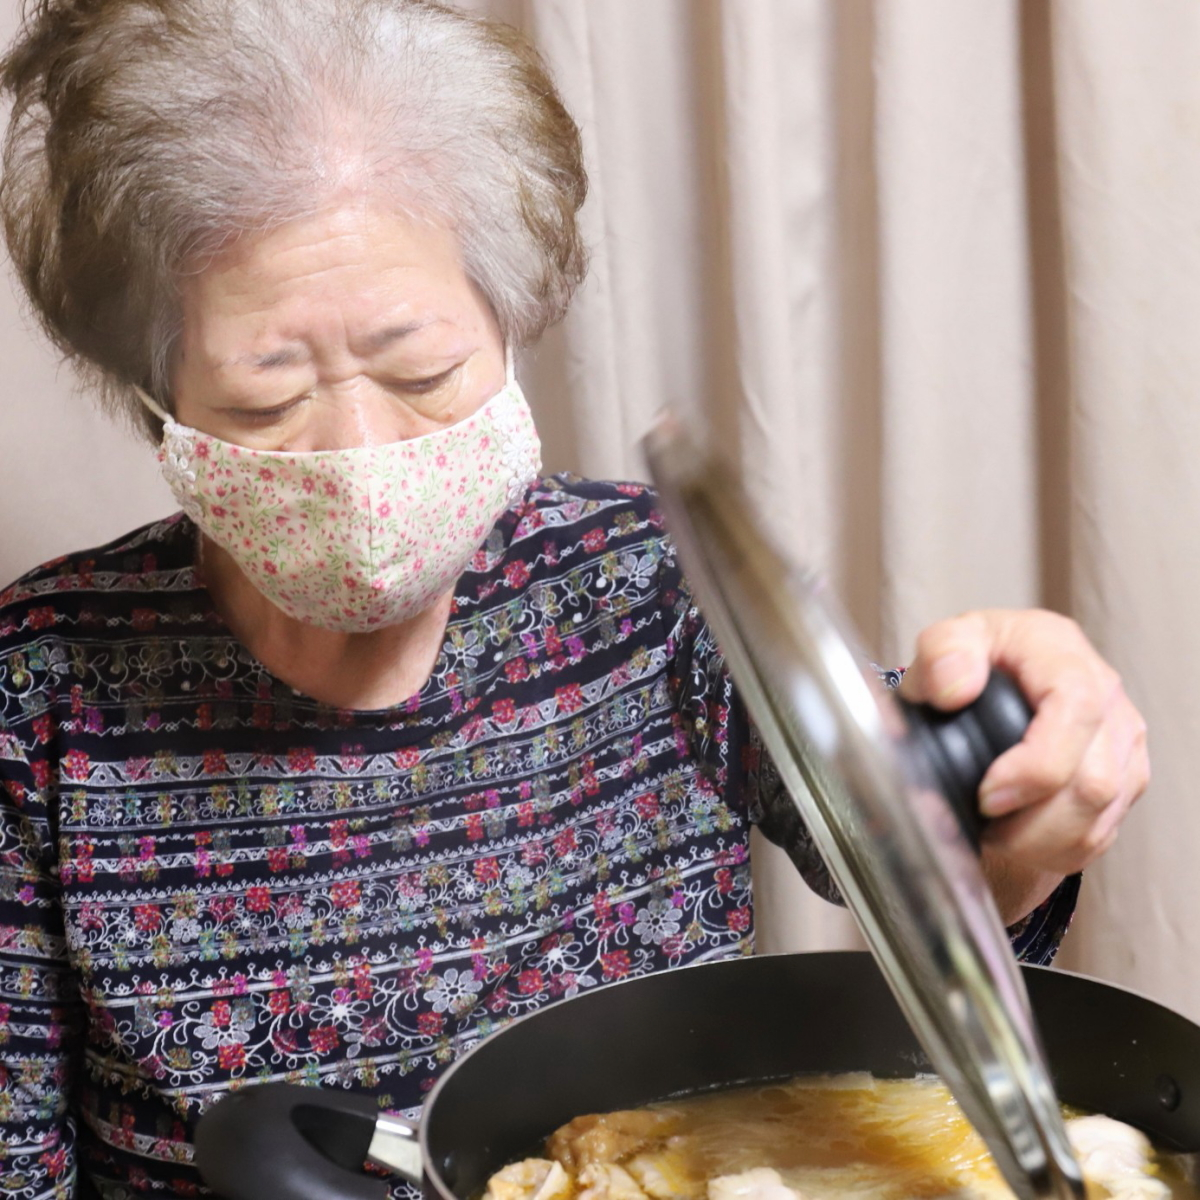 鍋のフタを片手で持って開けている祖母